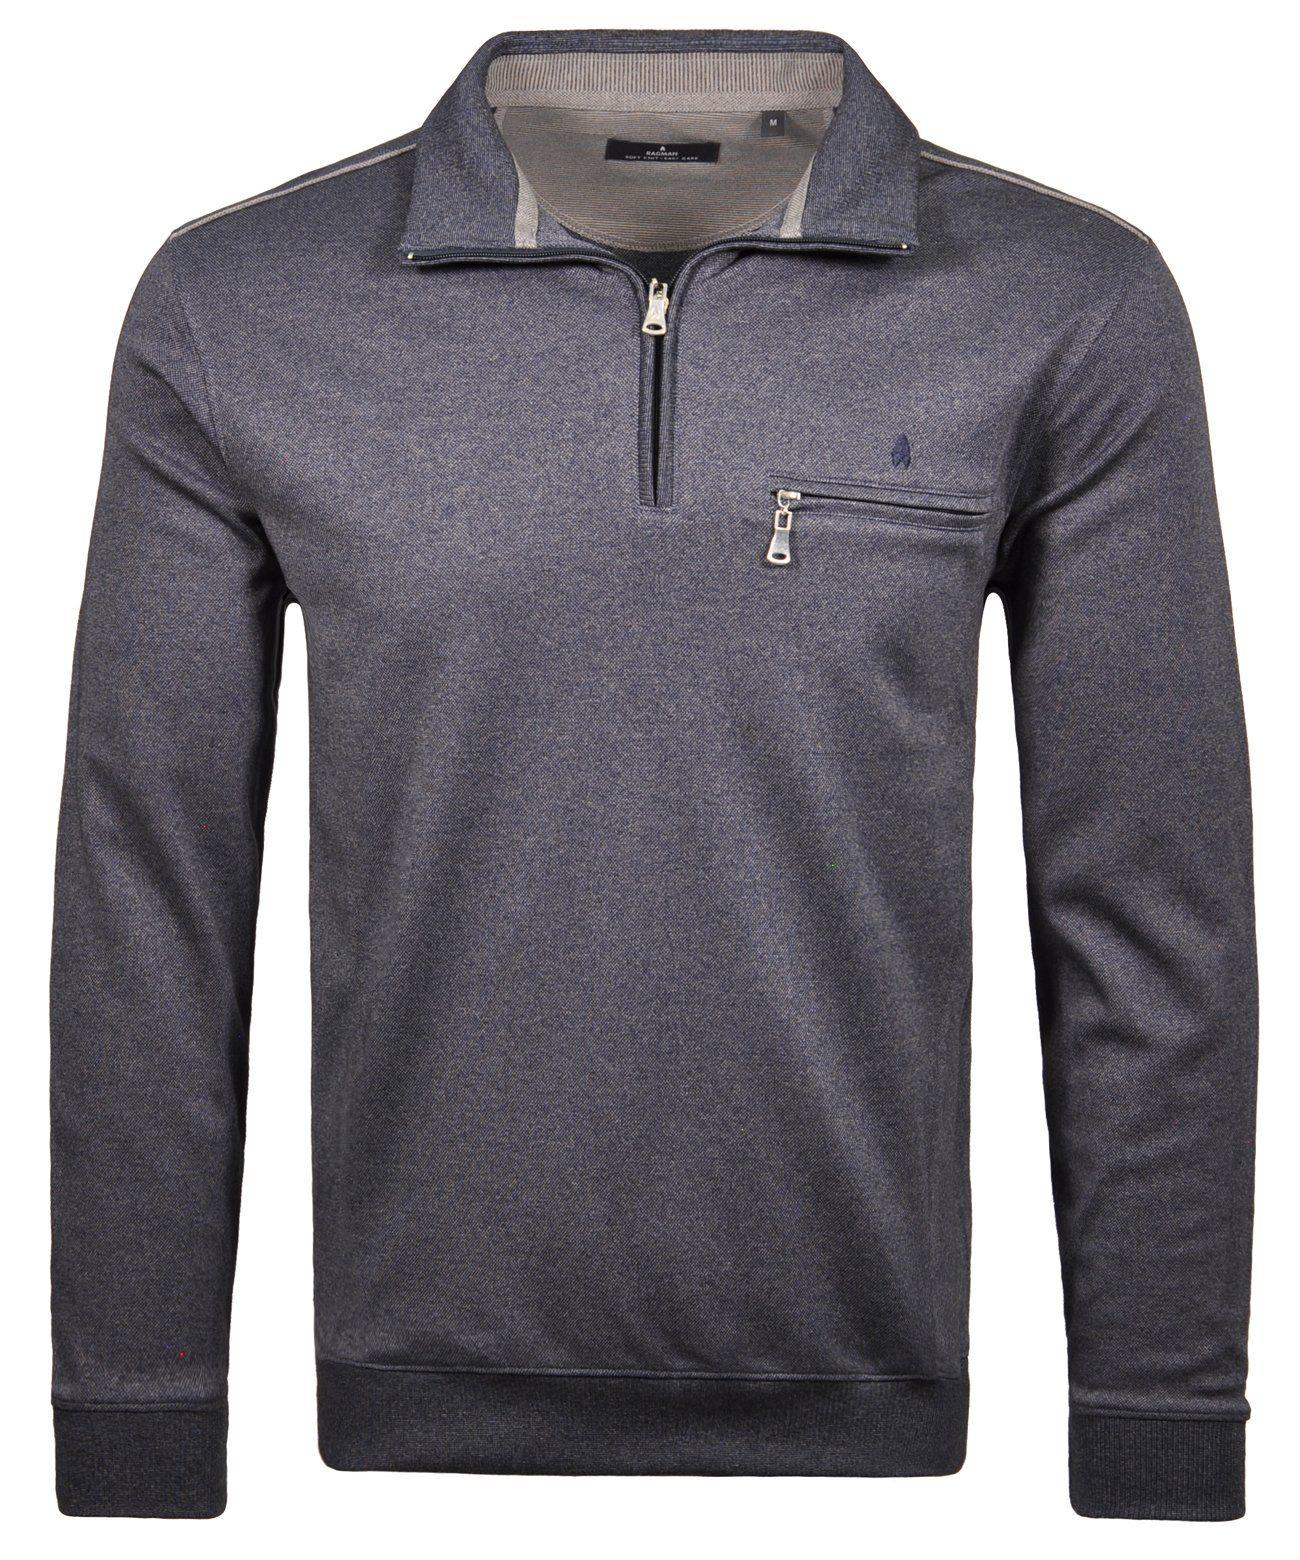 RAGMAN Sweatshirt | Bekleidung > Sweatshirts & -jacken > Sweatshirts | Blau | RAGMAN